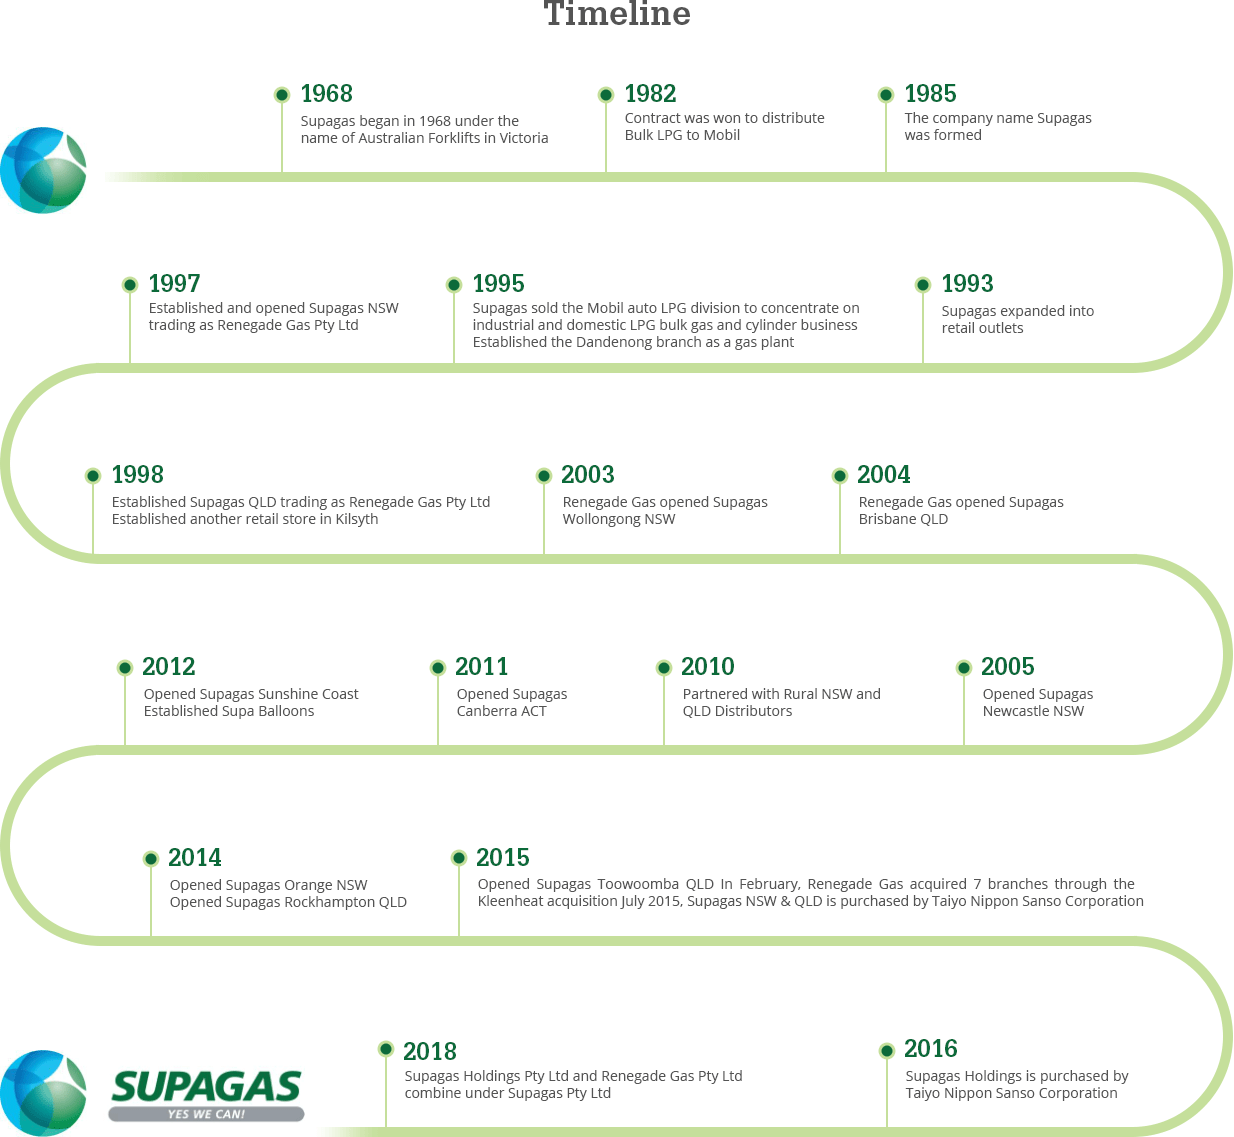 Supagas Timeline History